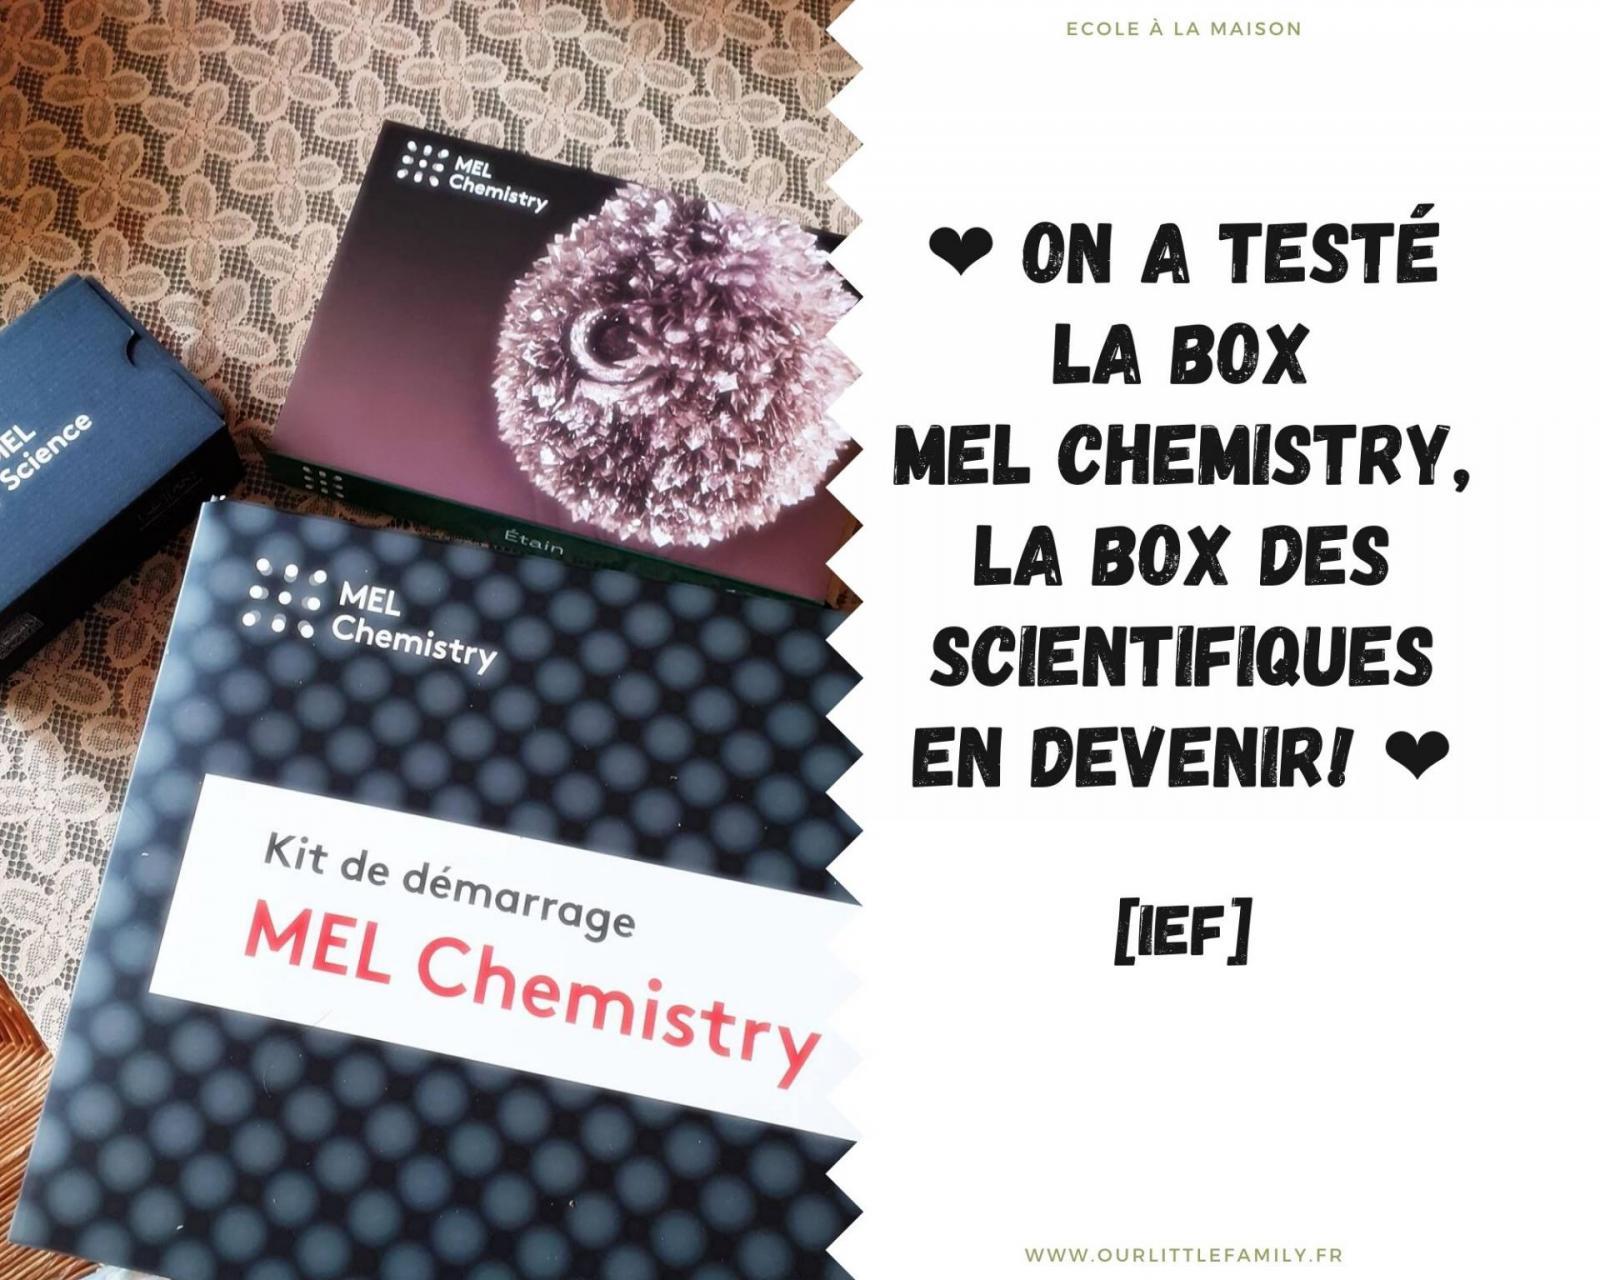 mel chemistry avis test